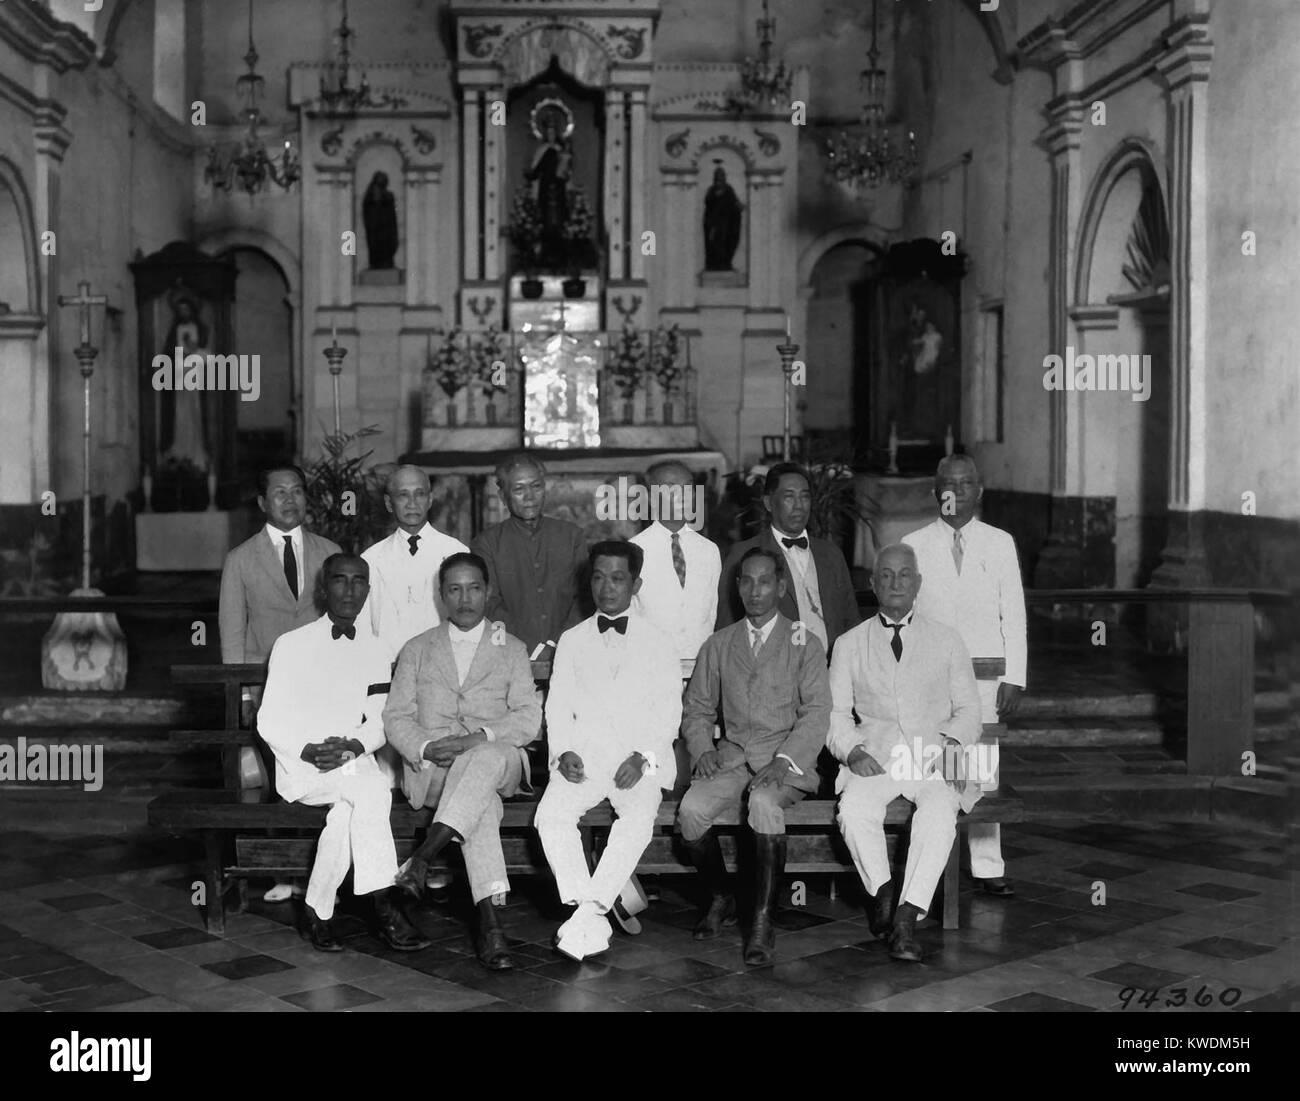 Los dirigentes revolucionarios para conmemorar el 30 aniversario de la República de las Filipinas en 1929. Imagen De Stock